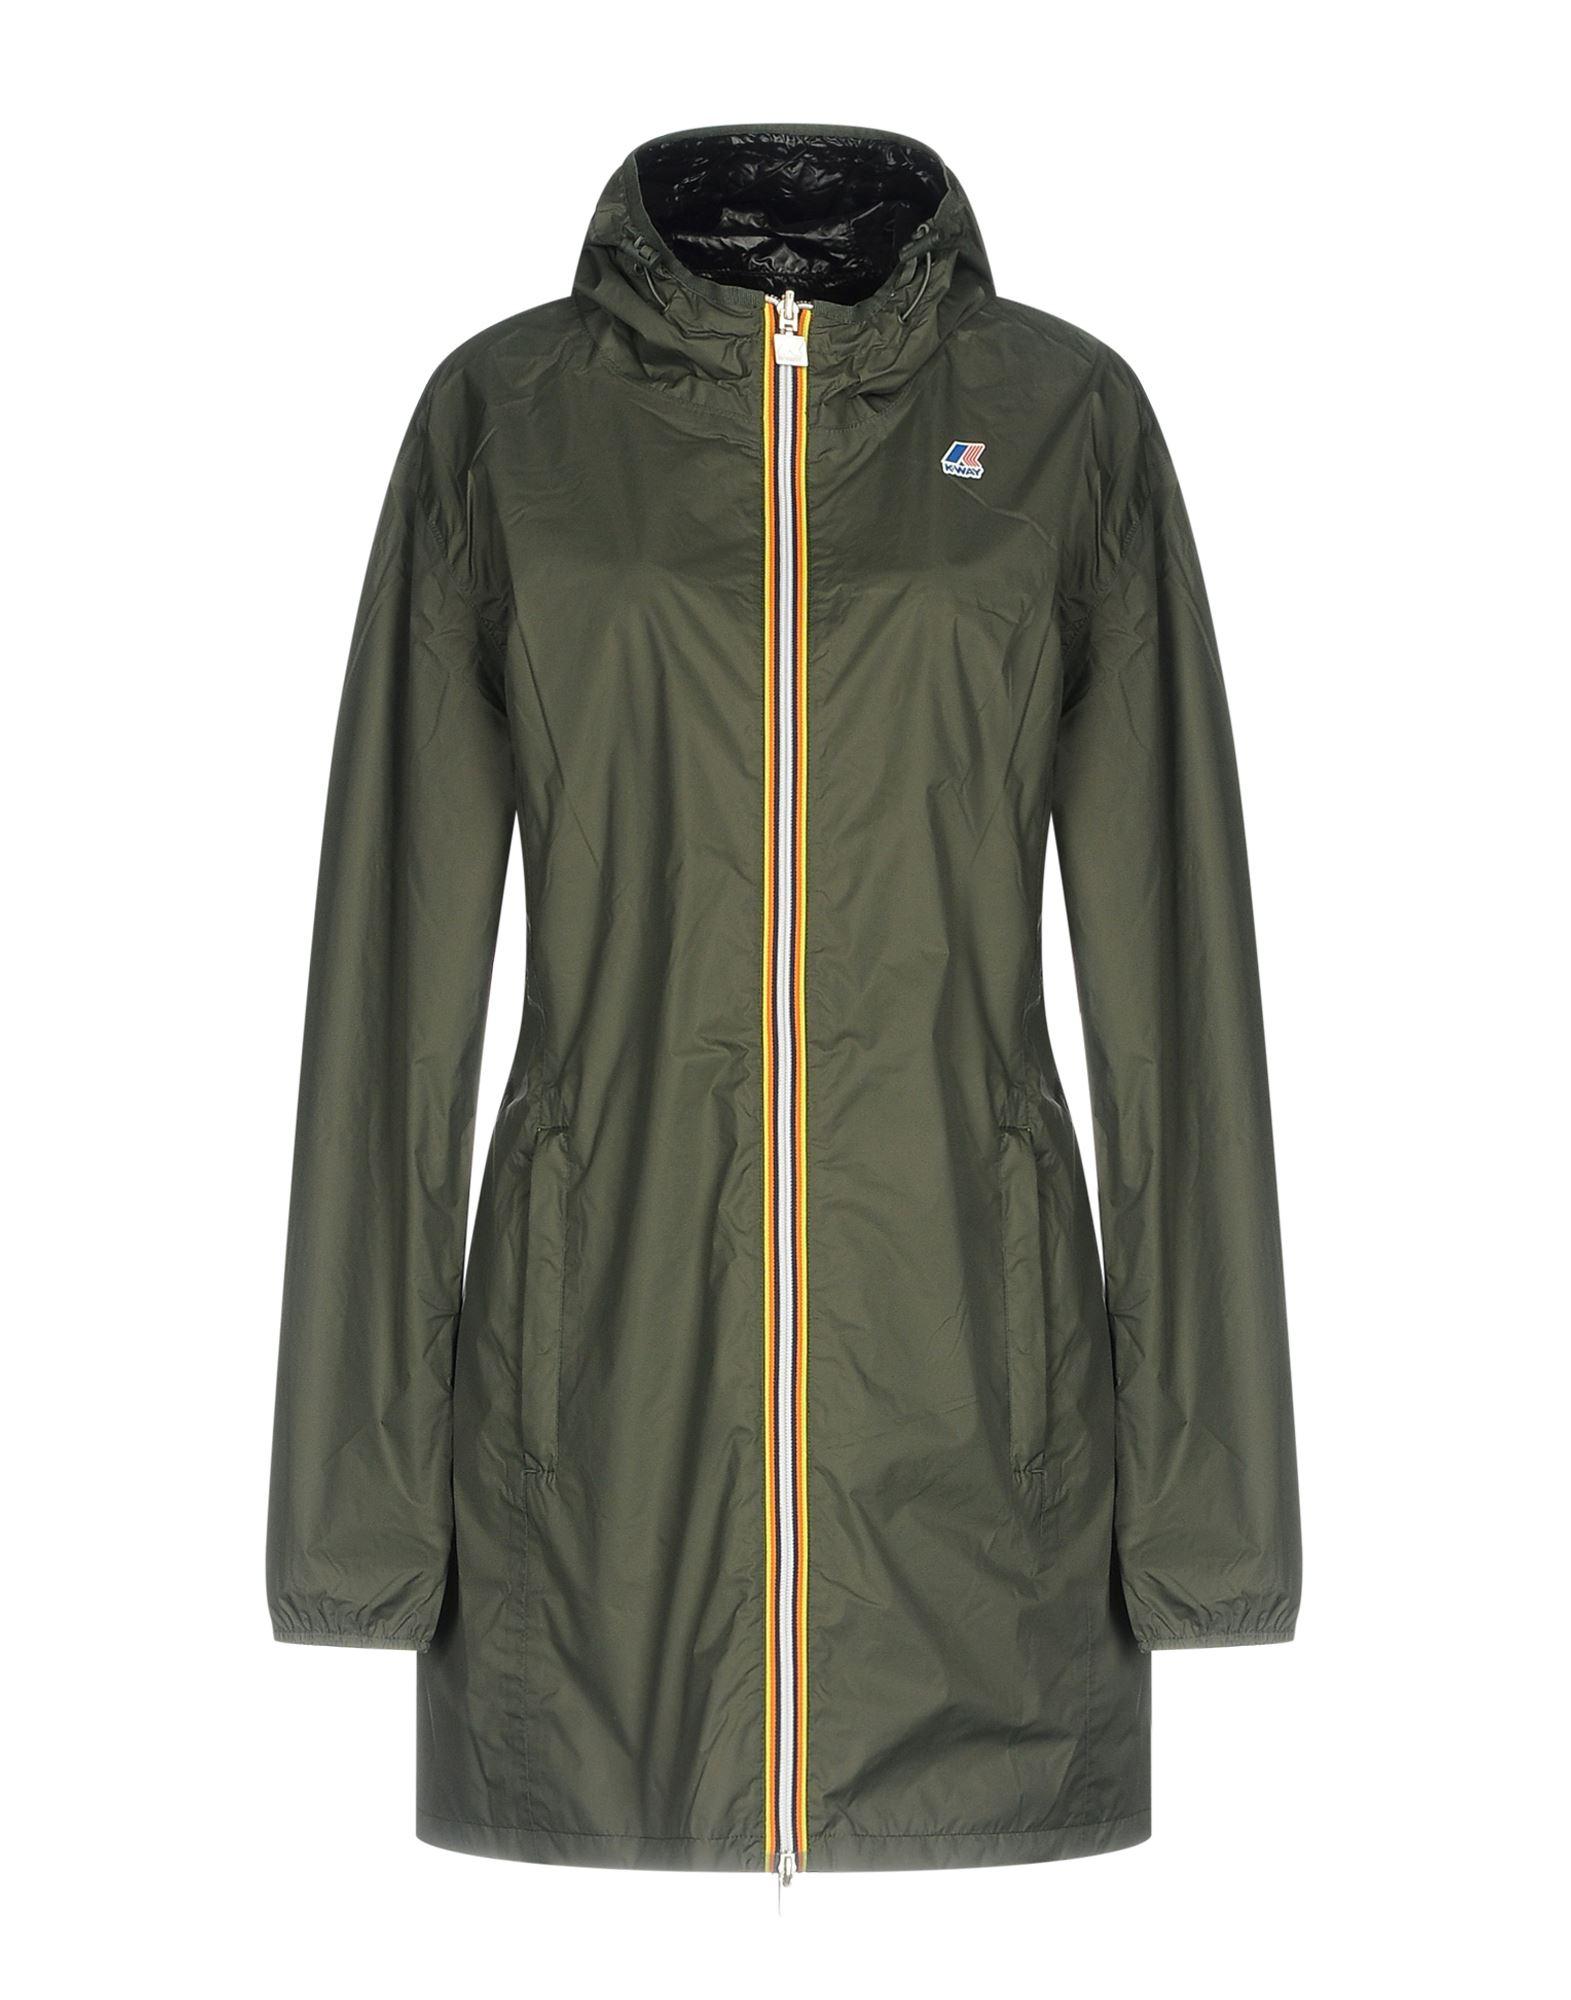 K-WAY Damen Jacke Farbe Militärgrün Größe 7 jetztbilligerkaufen